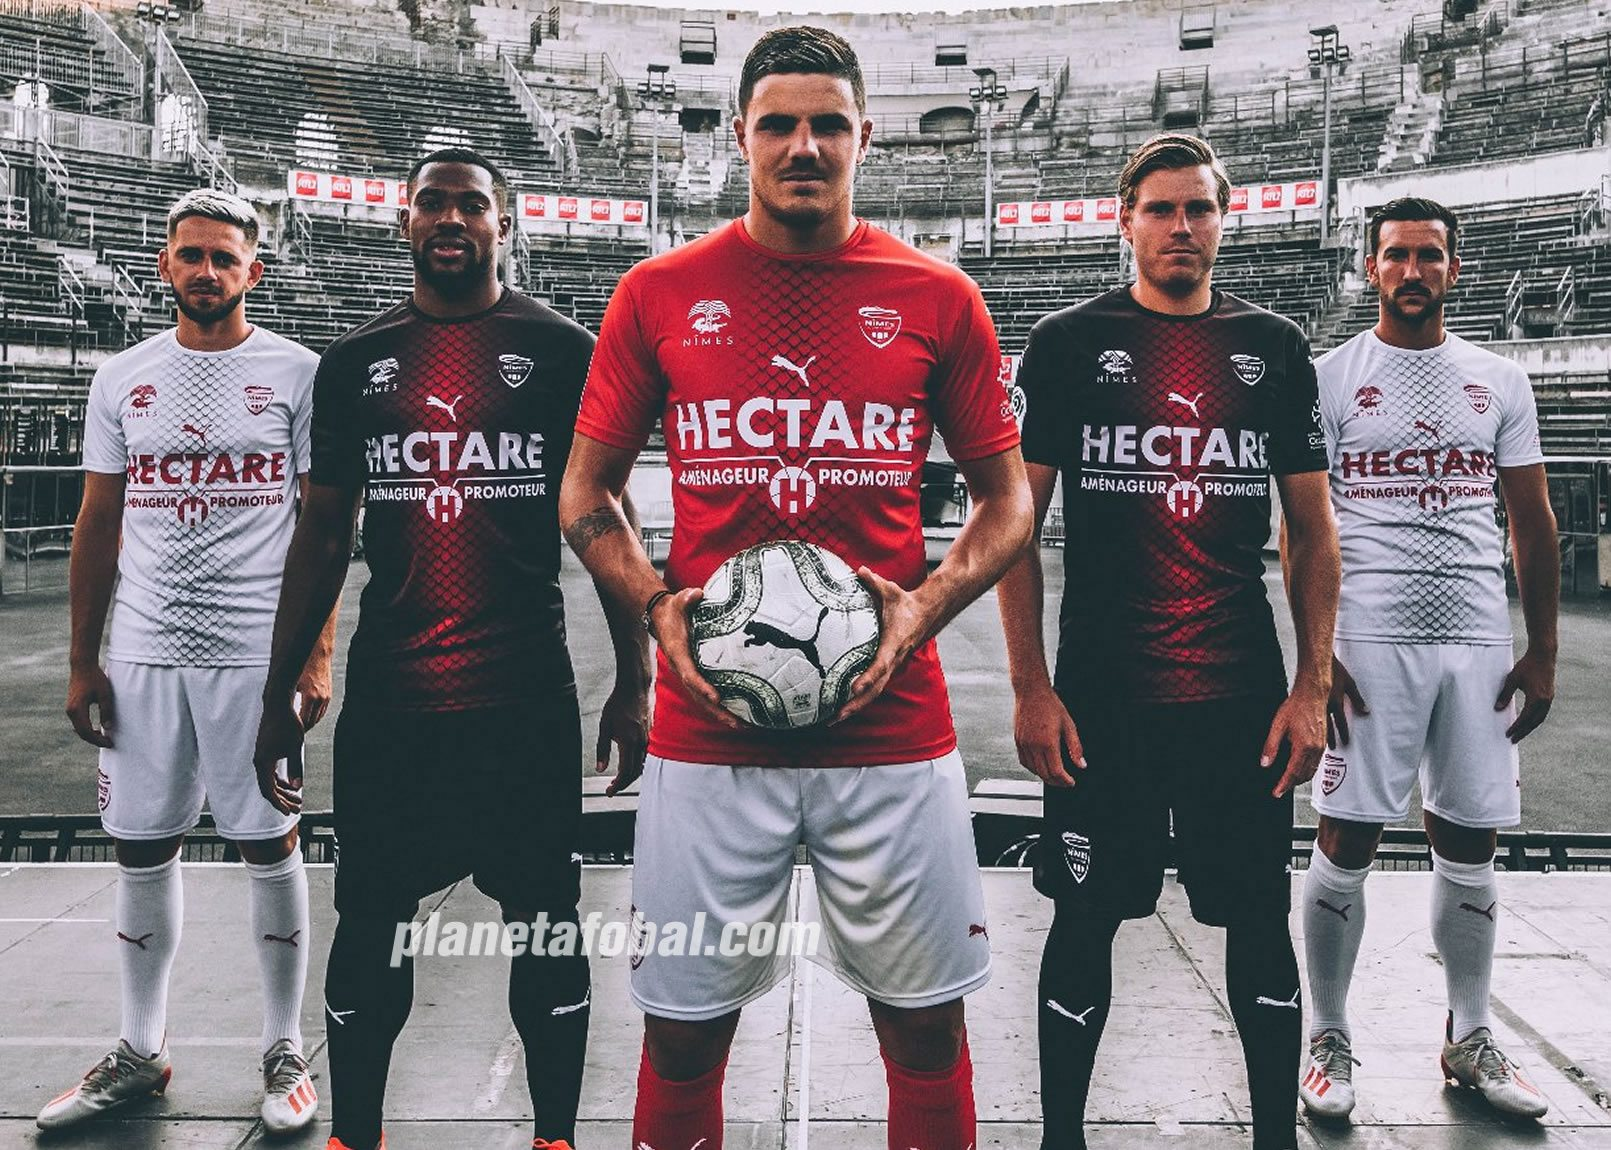 Camisetas Puma del Nîmes Olympique 2019/20 | Imagen Web Oficial